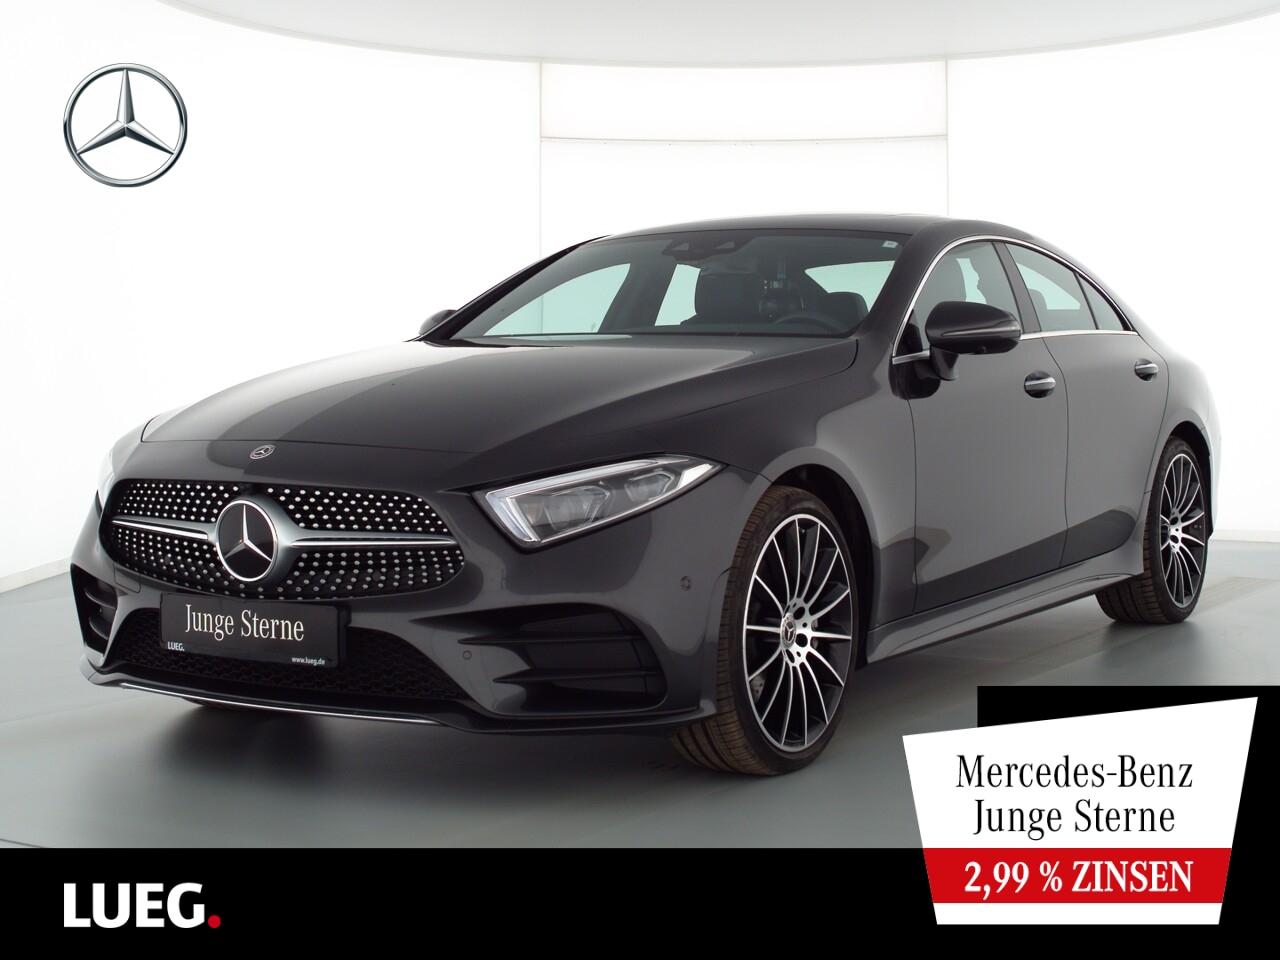 Mercedes-Benz CLS 450 4M AMG+COM+SHD+Burm+Mbeam+Airm+Distr+360, Jahr 2019, Benzin